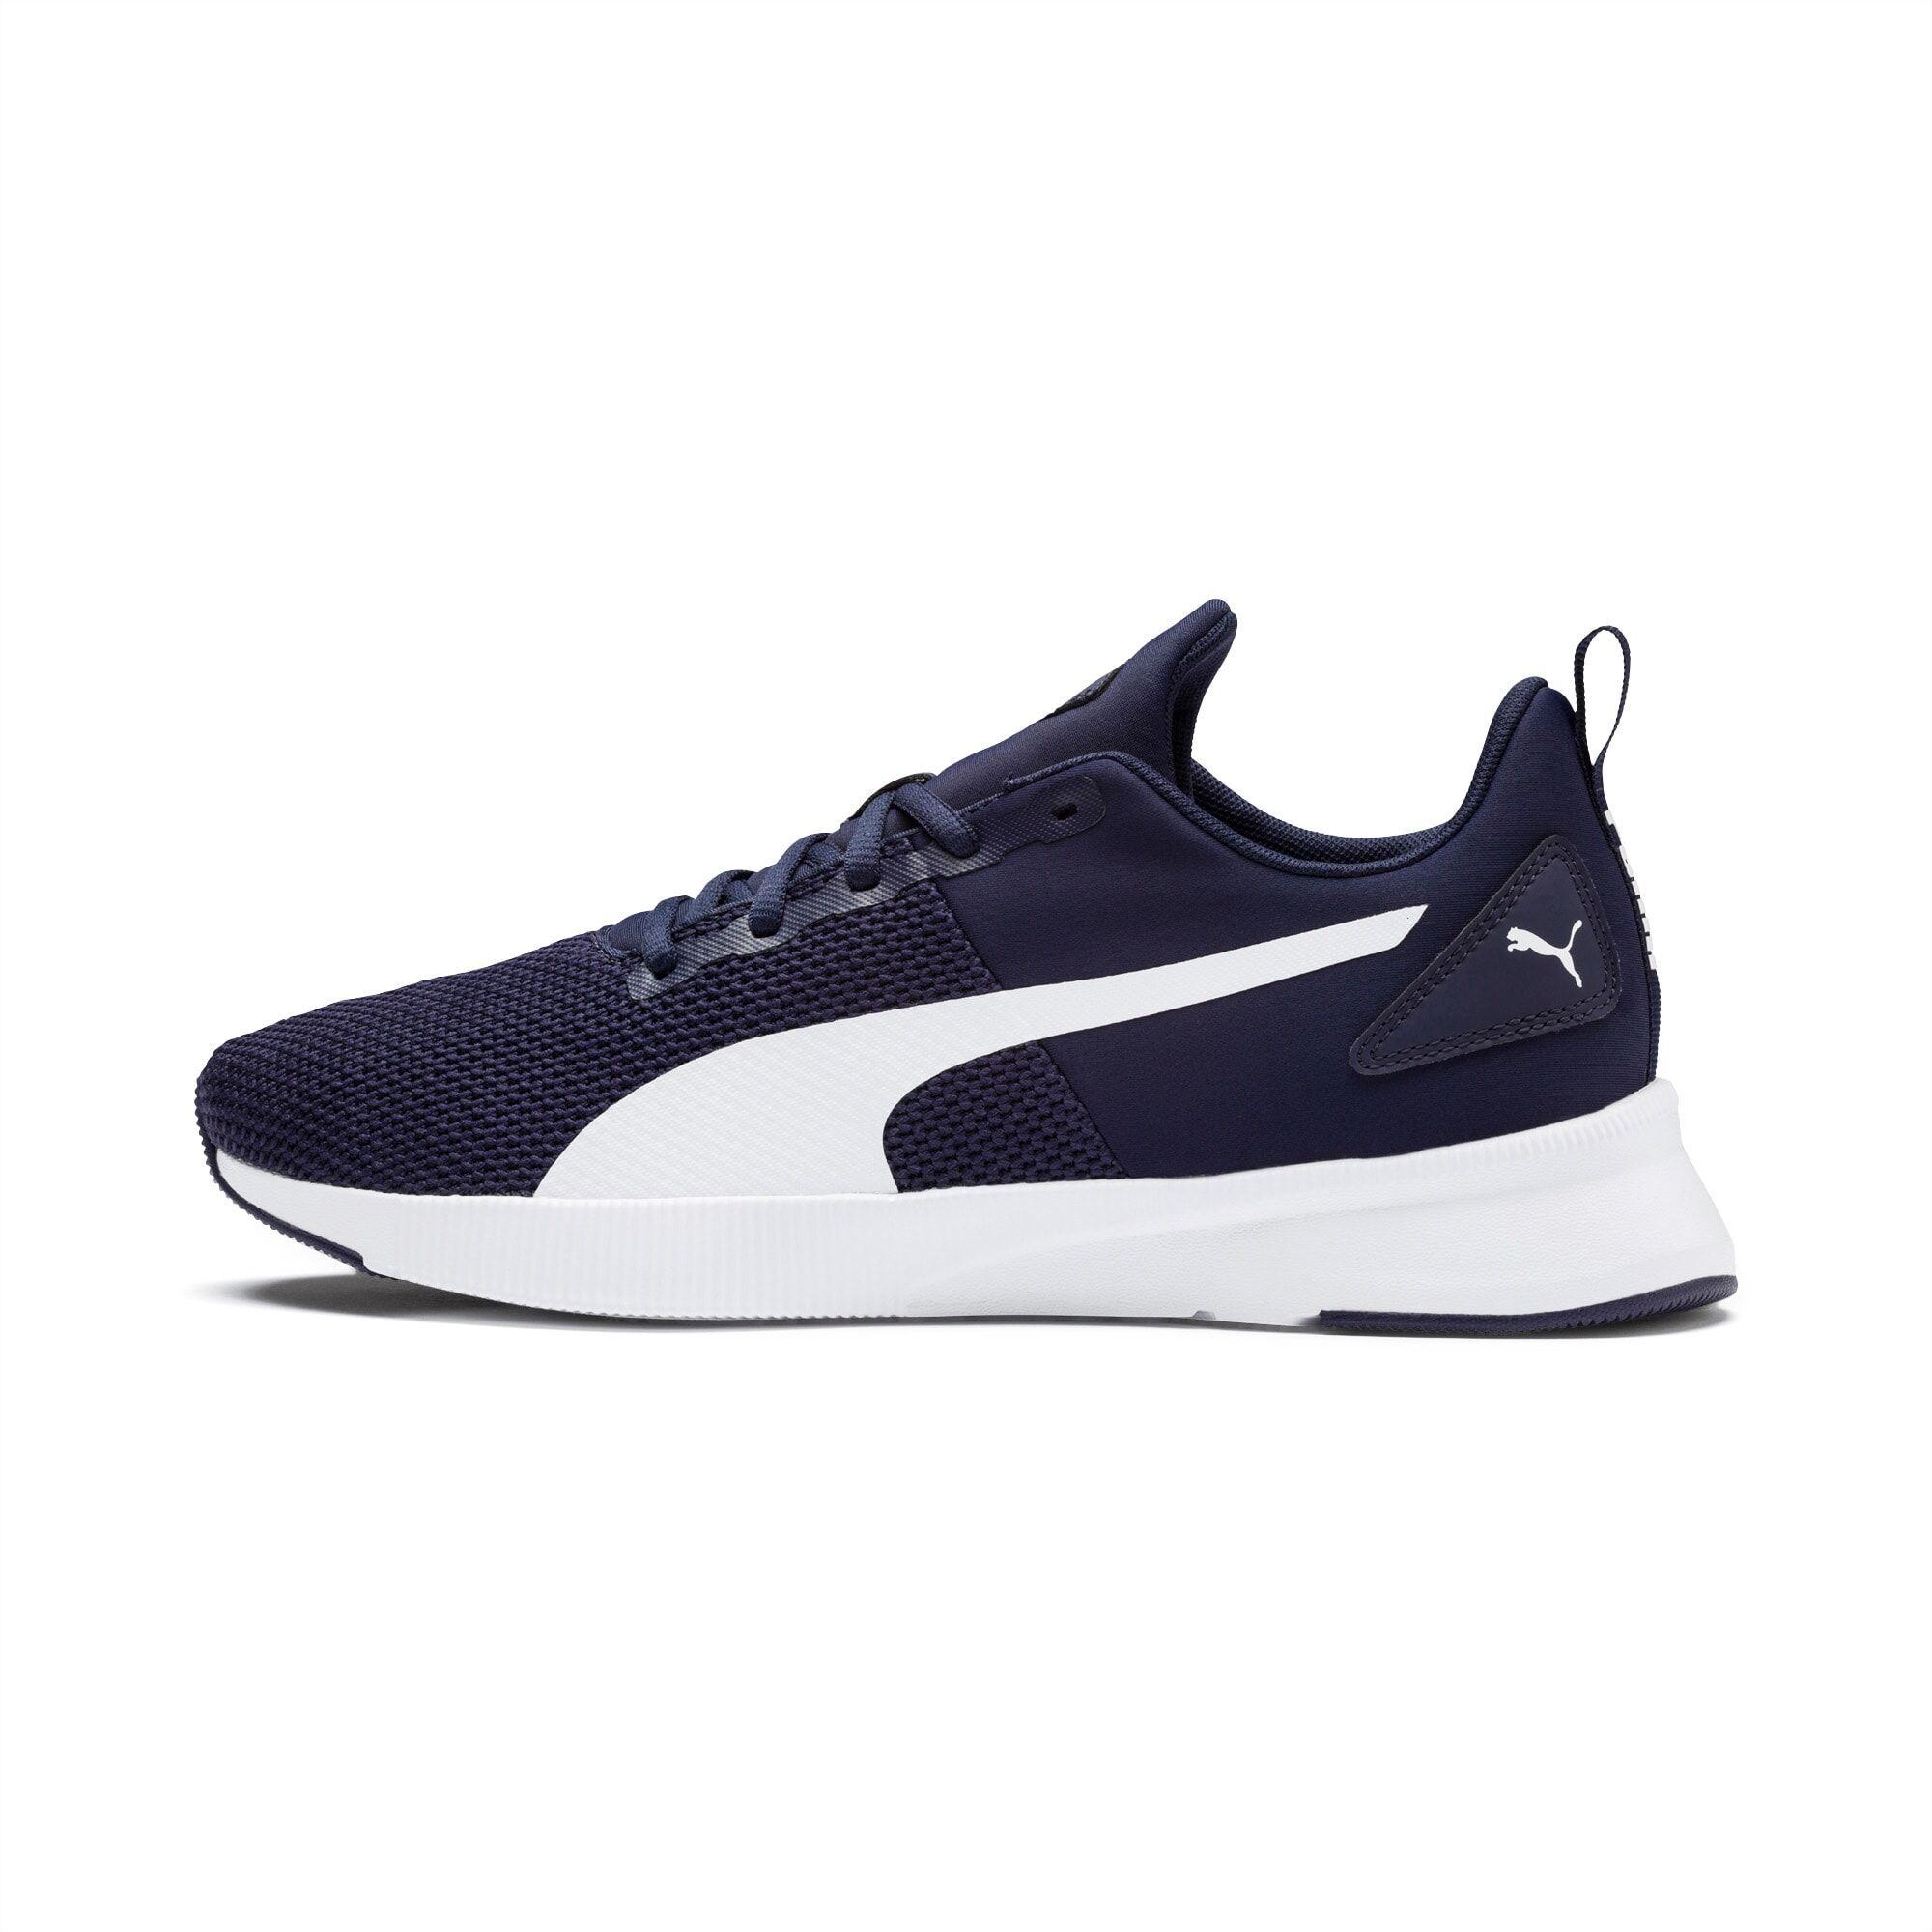 PUMA Chaussure de course Flyer Runner, Bleu/Blanc, Taille 37, Chaussures